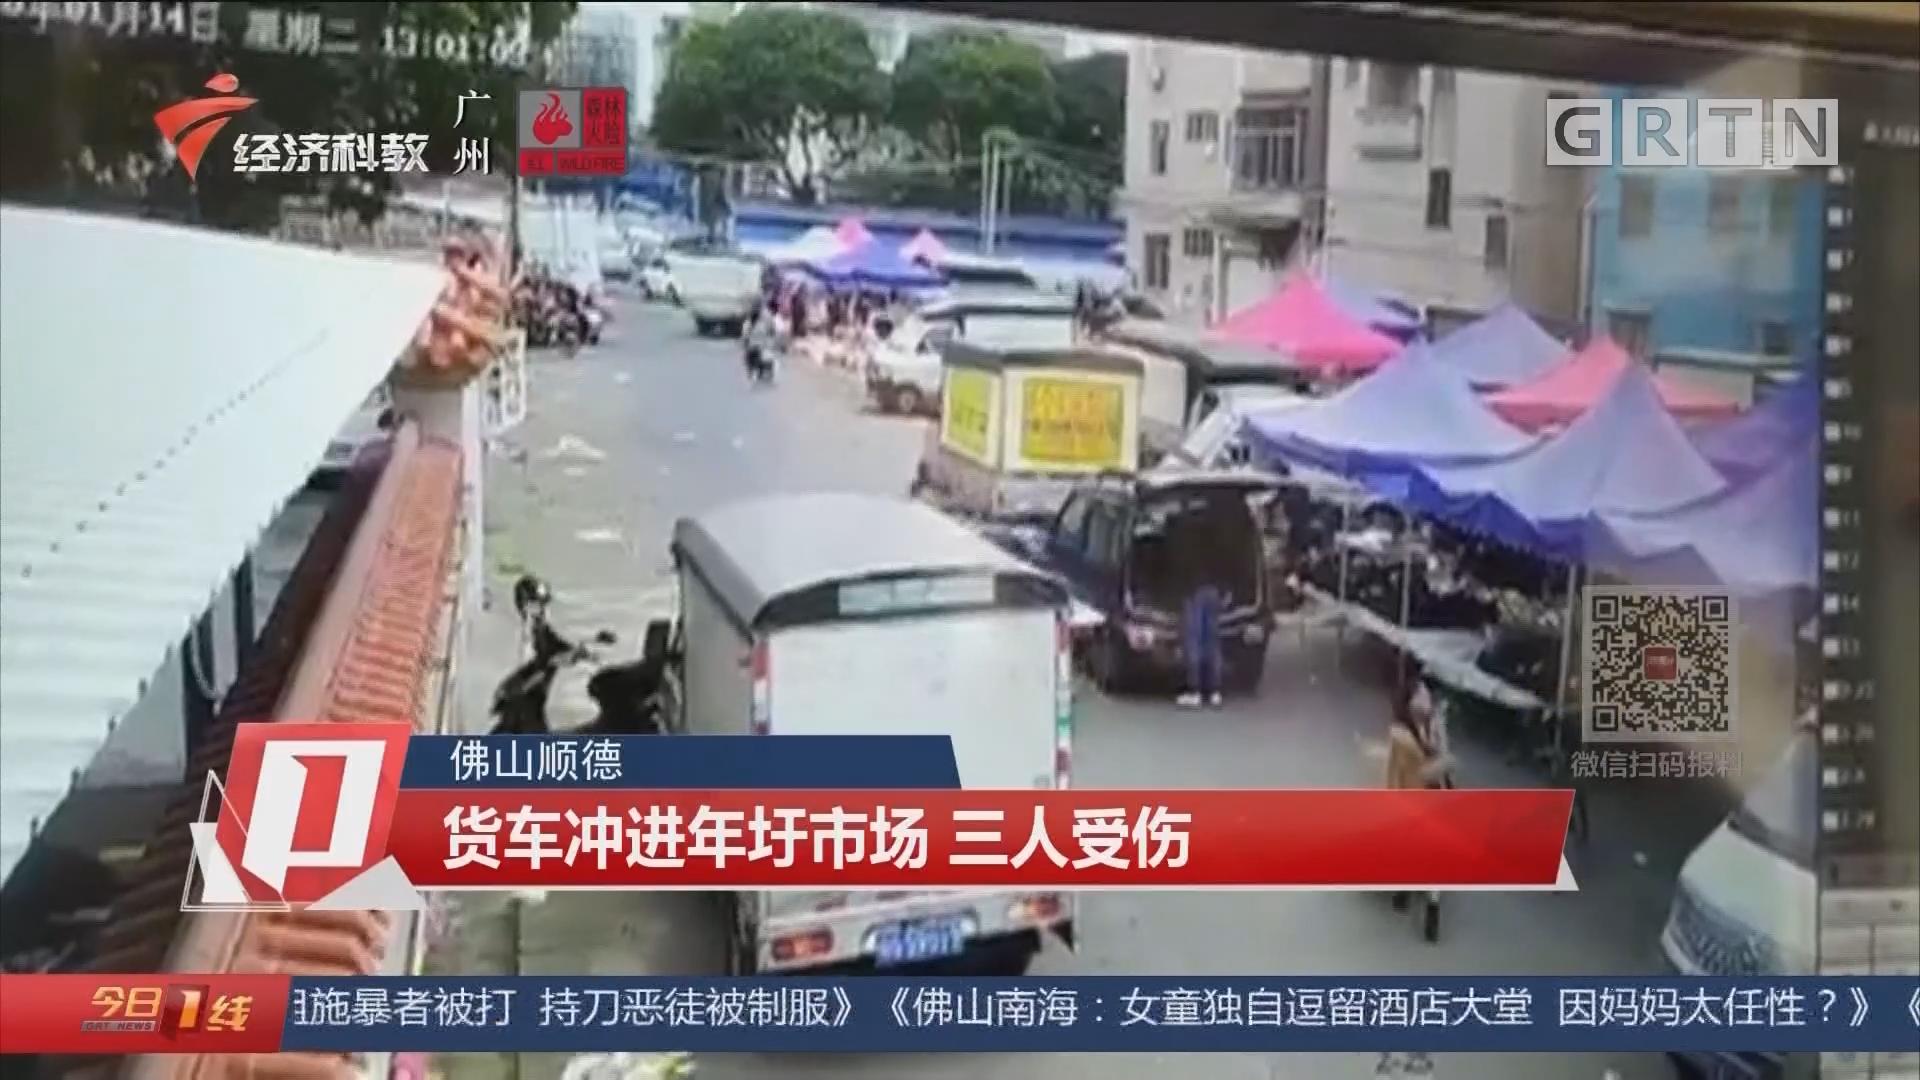 佛山顺德:货车冲进年圩市场 三人受伤